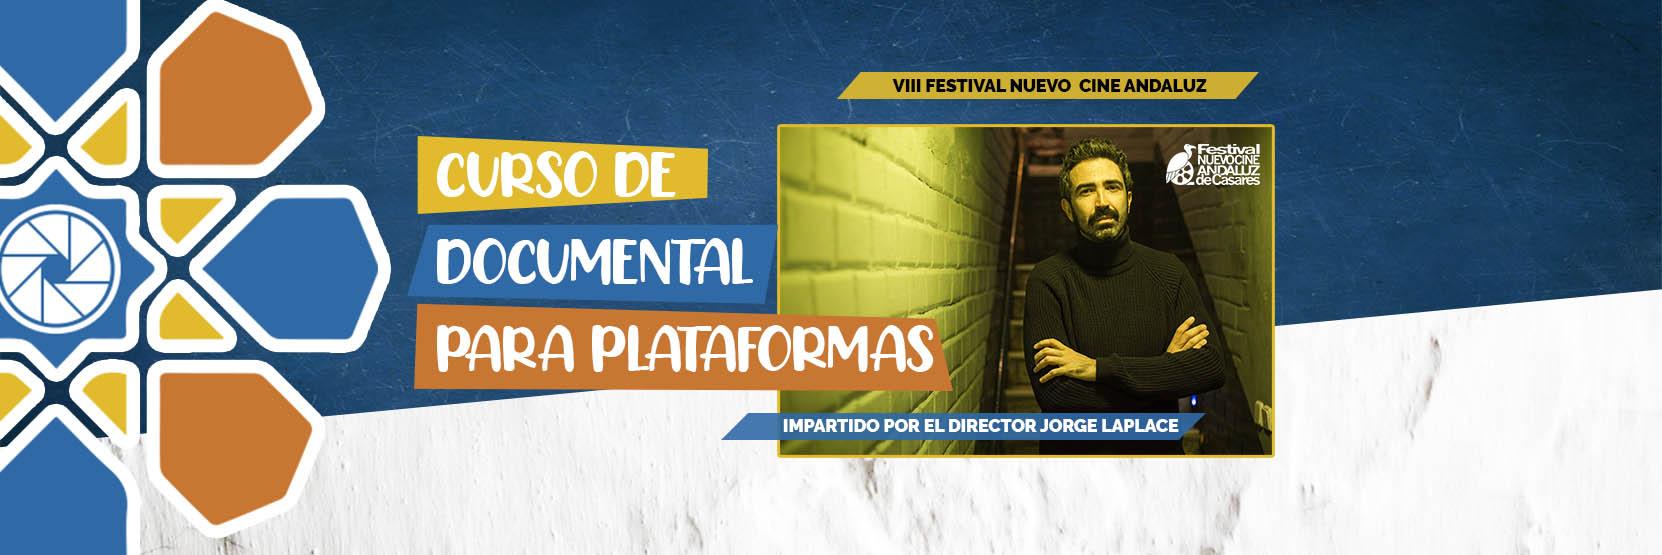 Taller de documental para plataformas con Jorge Laplace